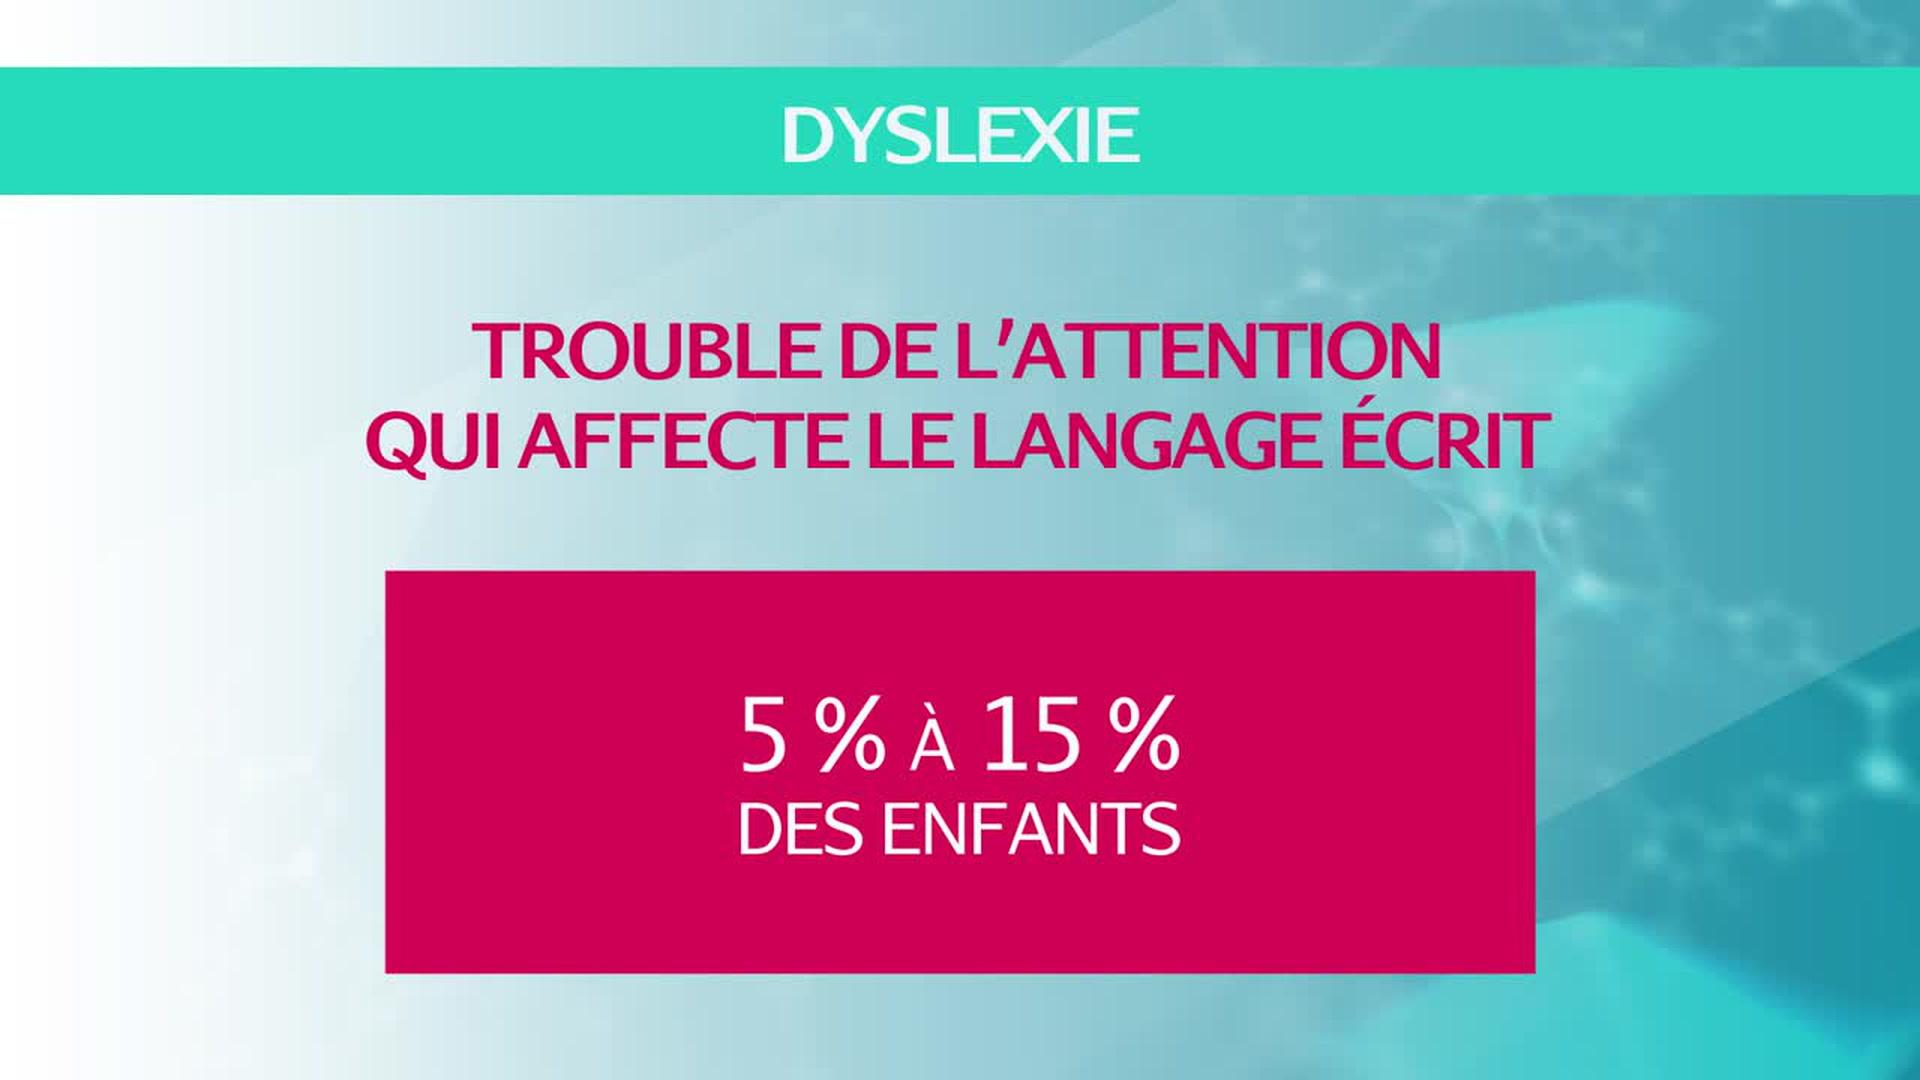 Dyslexie : symptômes, tests de dépistage et traitement